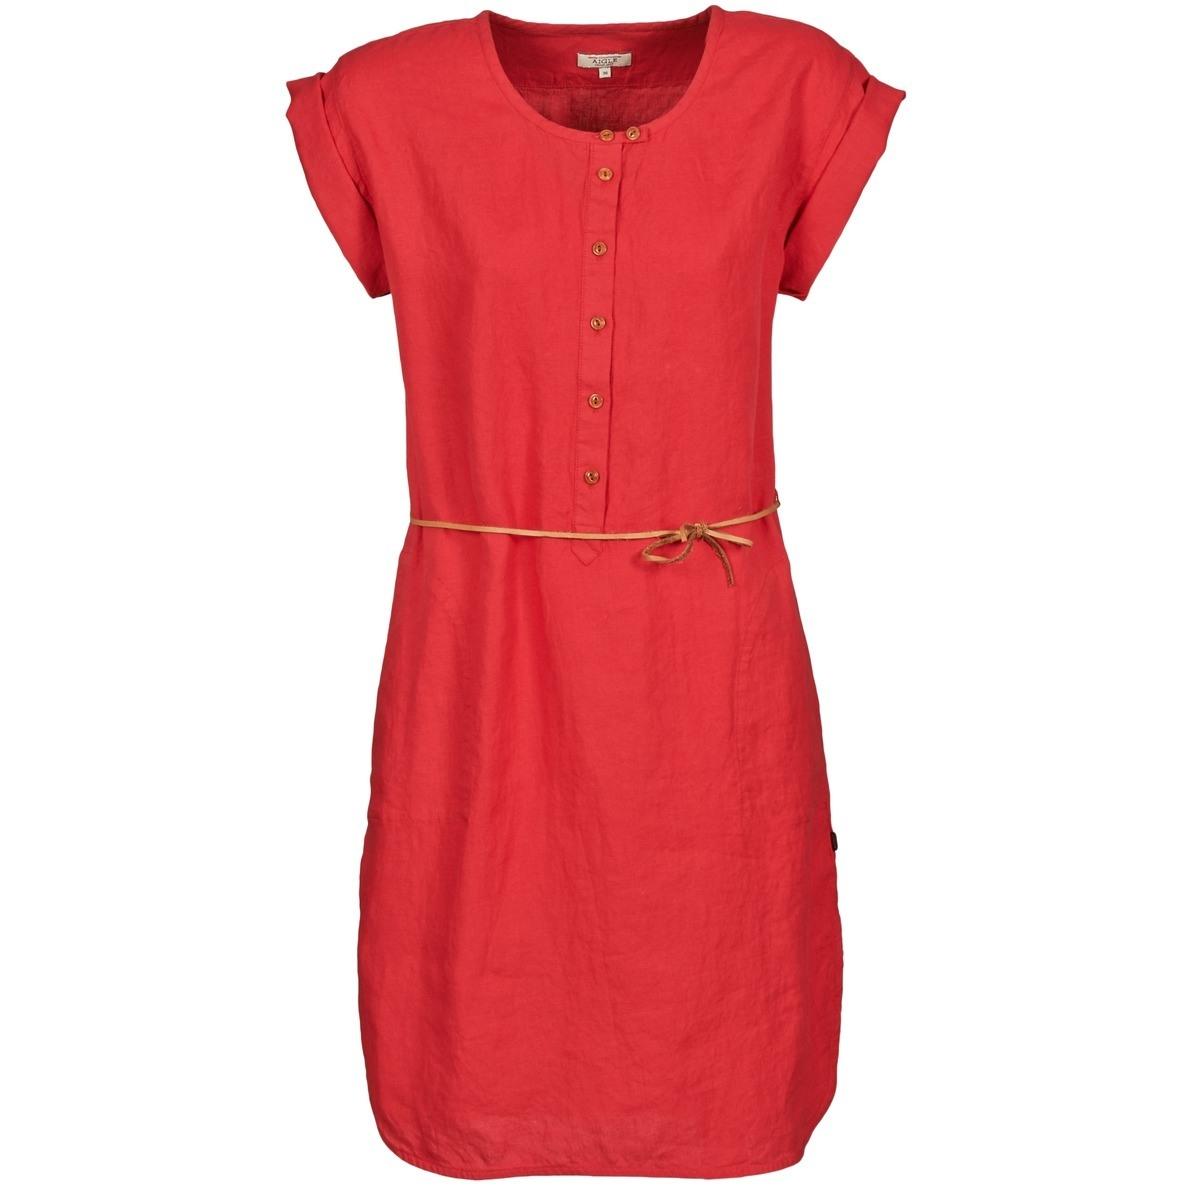 Abend Kreativ Damen Kleider Online Shop StylishFormal Fantastisch Damen Kleider Online Shop Galerie